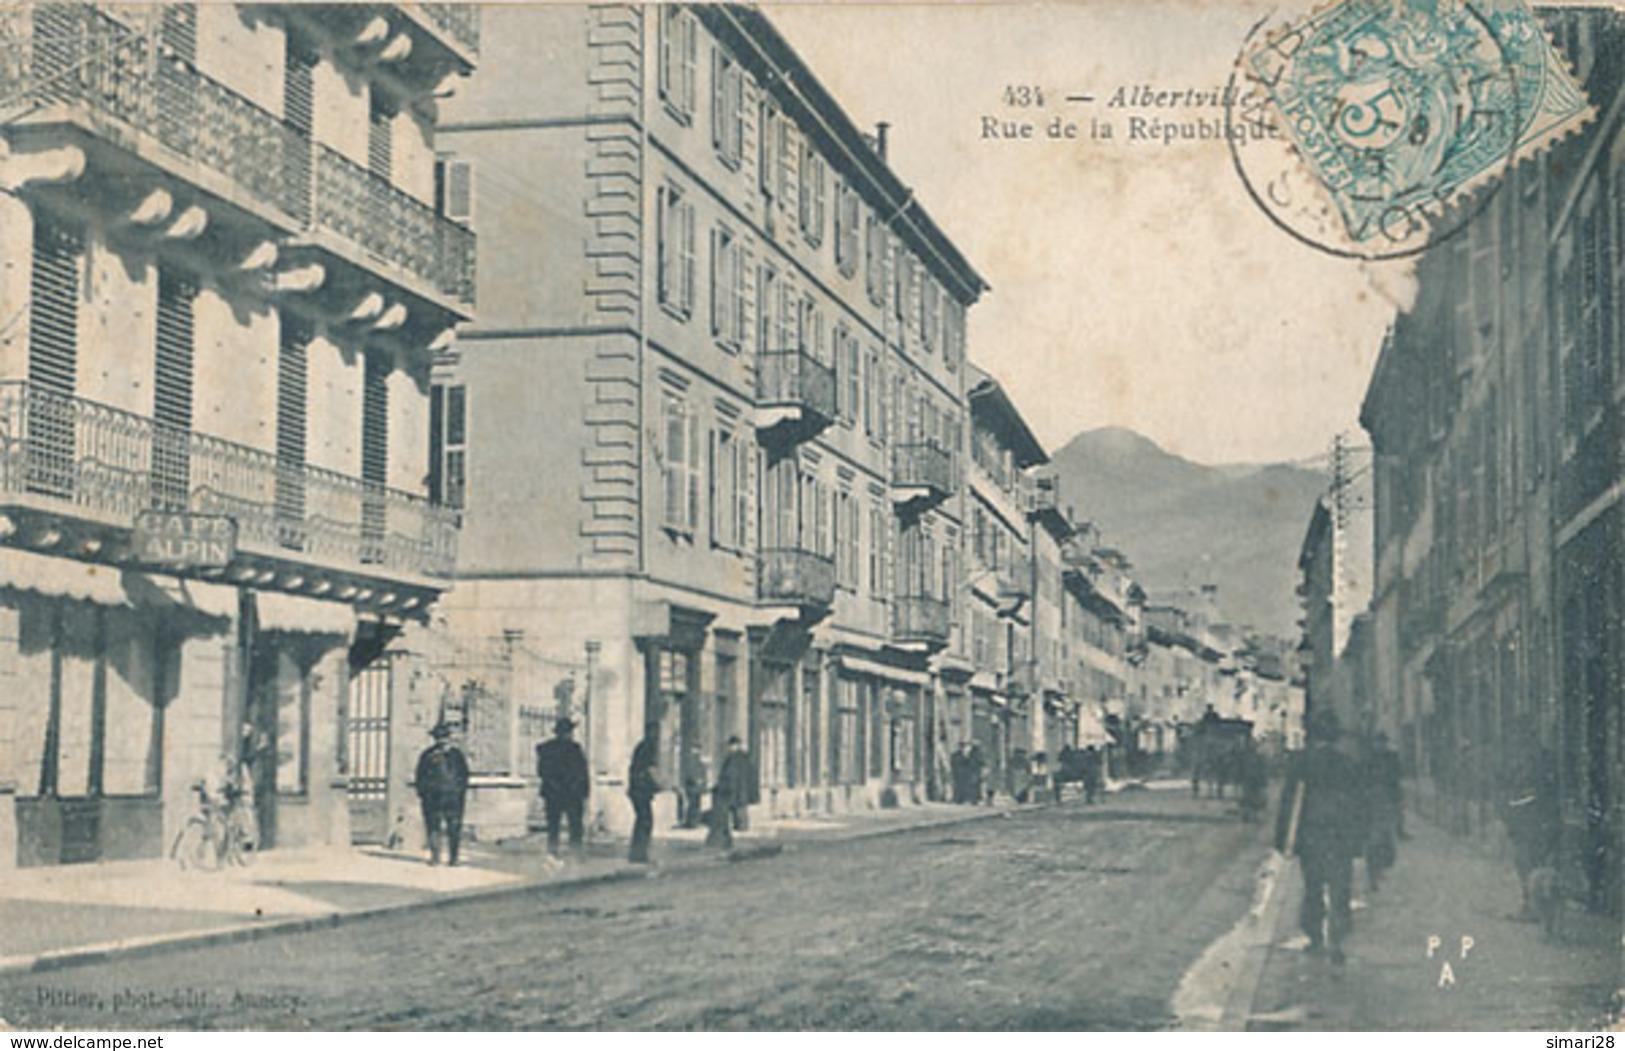 ALBERTVILLE - N° 434 - RUE DE LA REPUBLIQUE - Albertville